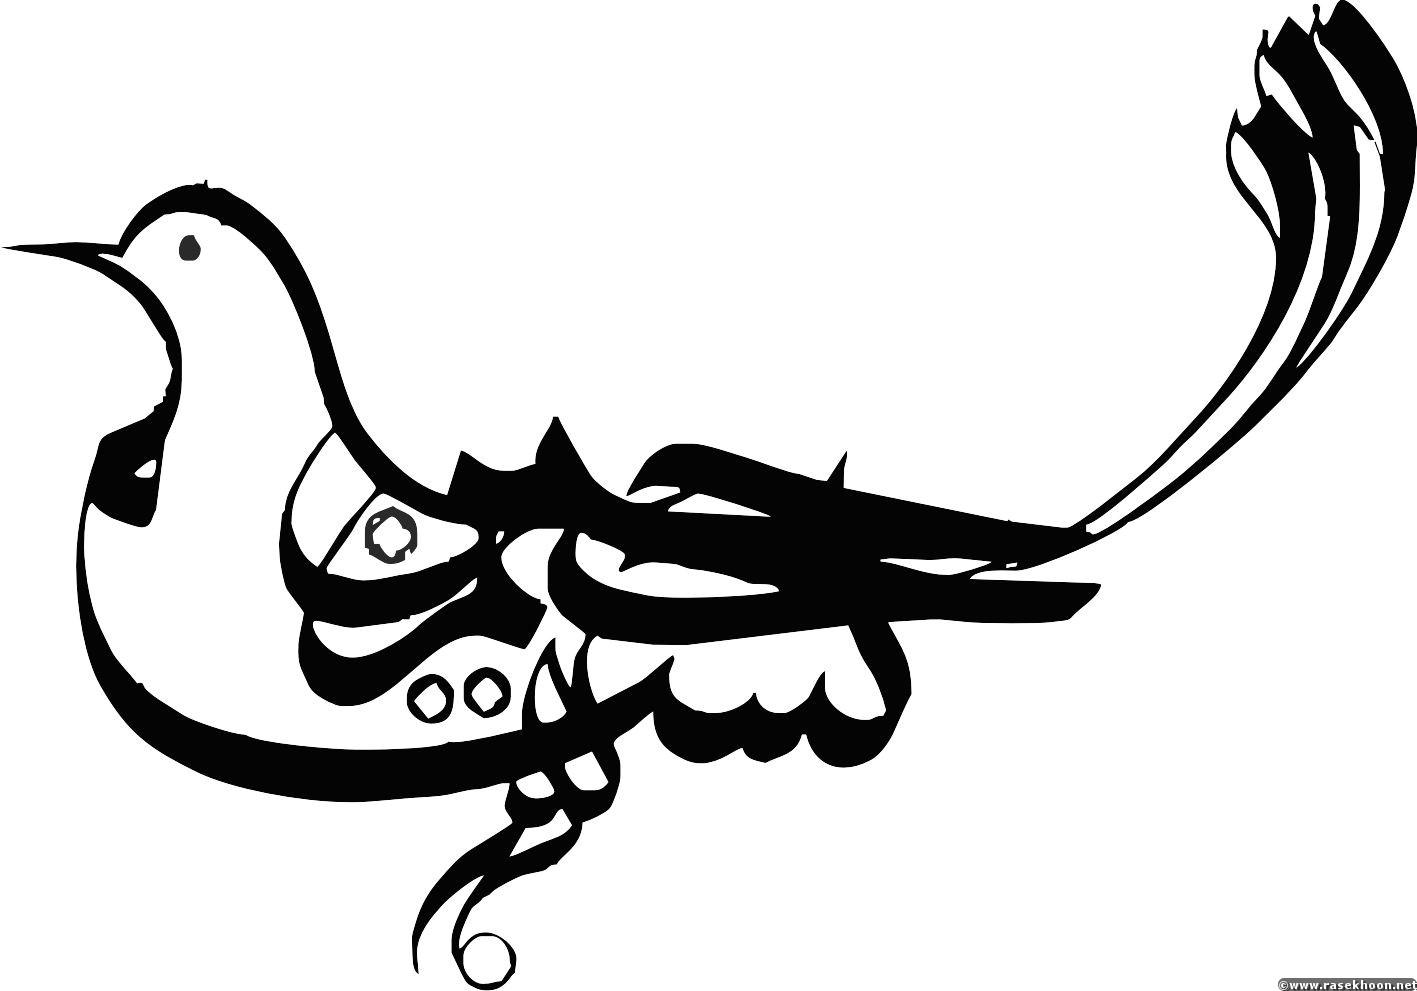 طرح روی مس Besmeallah-074.jpg